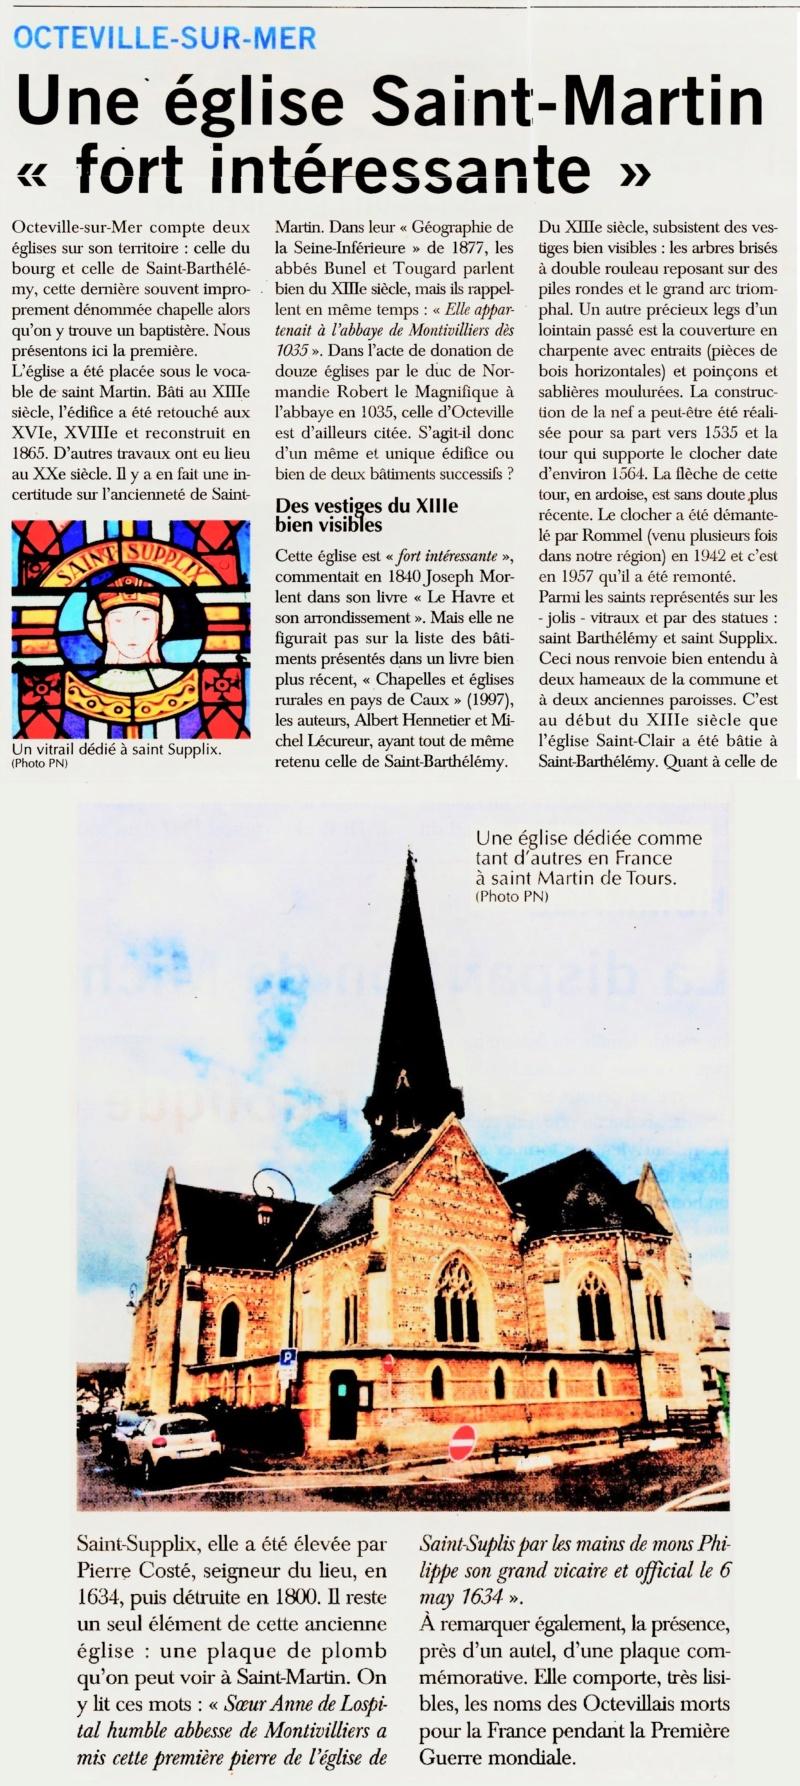 Histoire des communes - Octeville-sur-Mer 2020-076